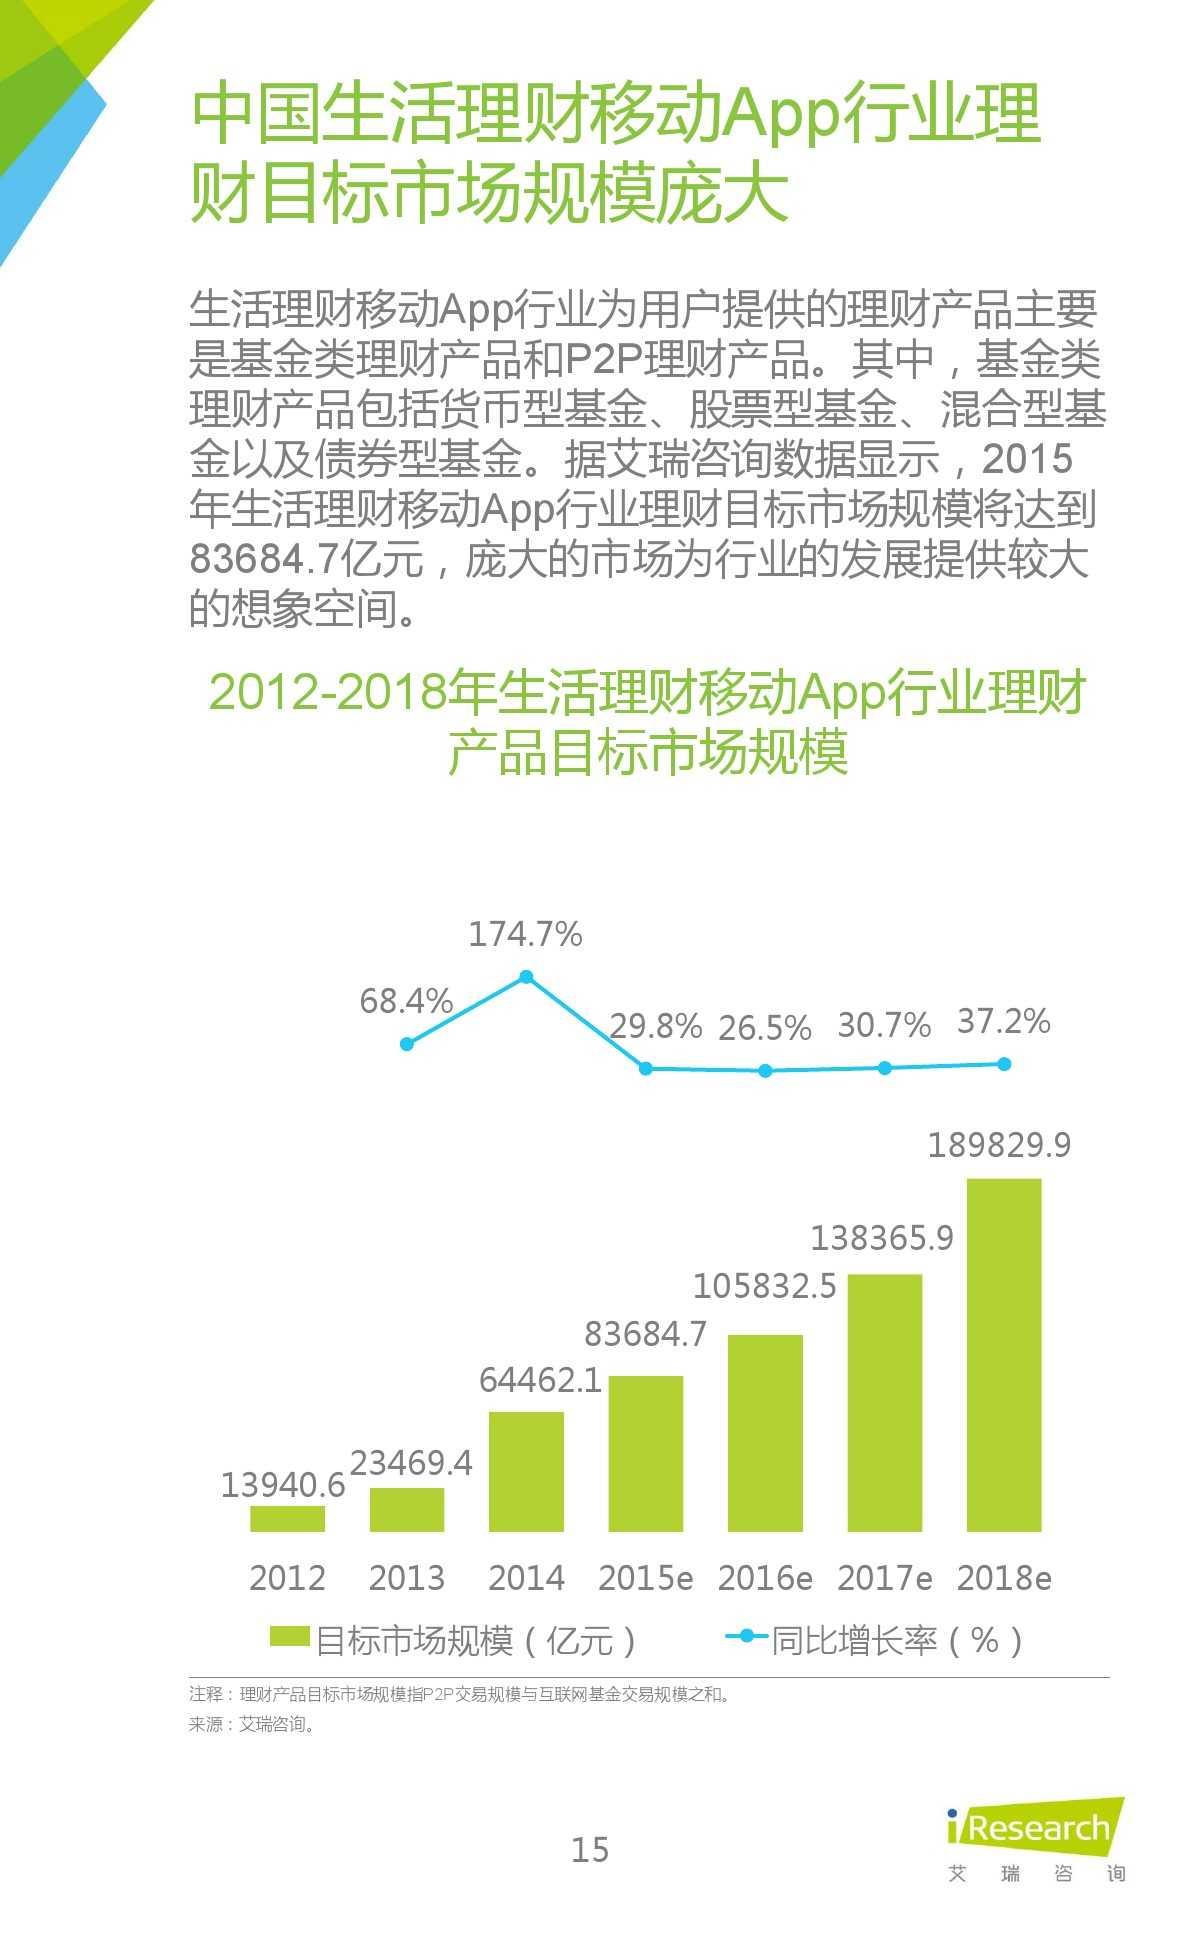 2015年中国生活理财移动App行业研究报告_000015